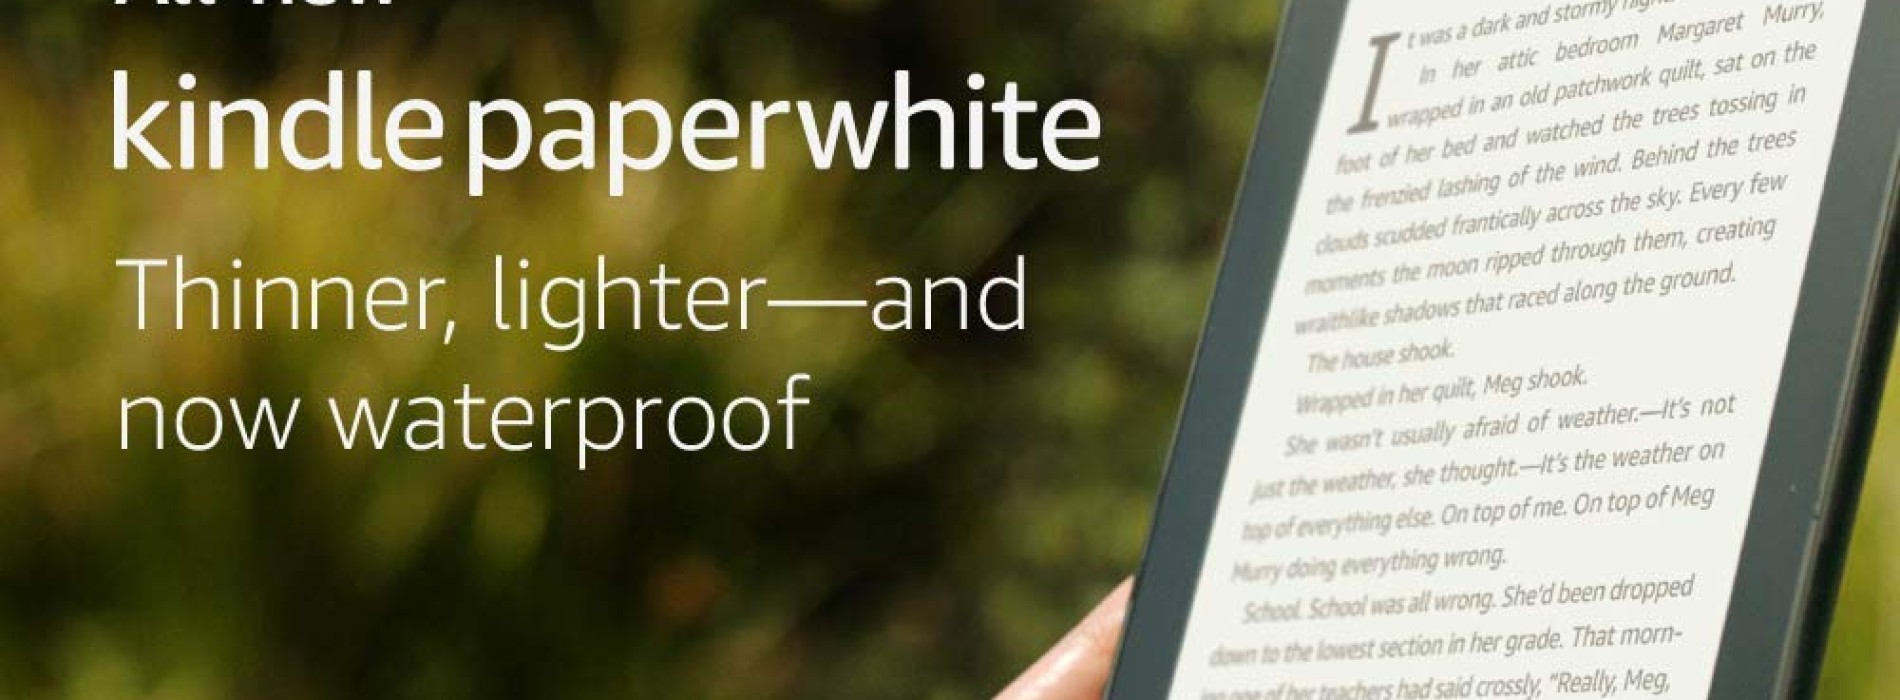 All-new Kindle Paperwhite – neboli tentokrát vodotěsný – Paperwhite 4?